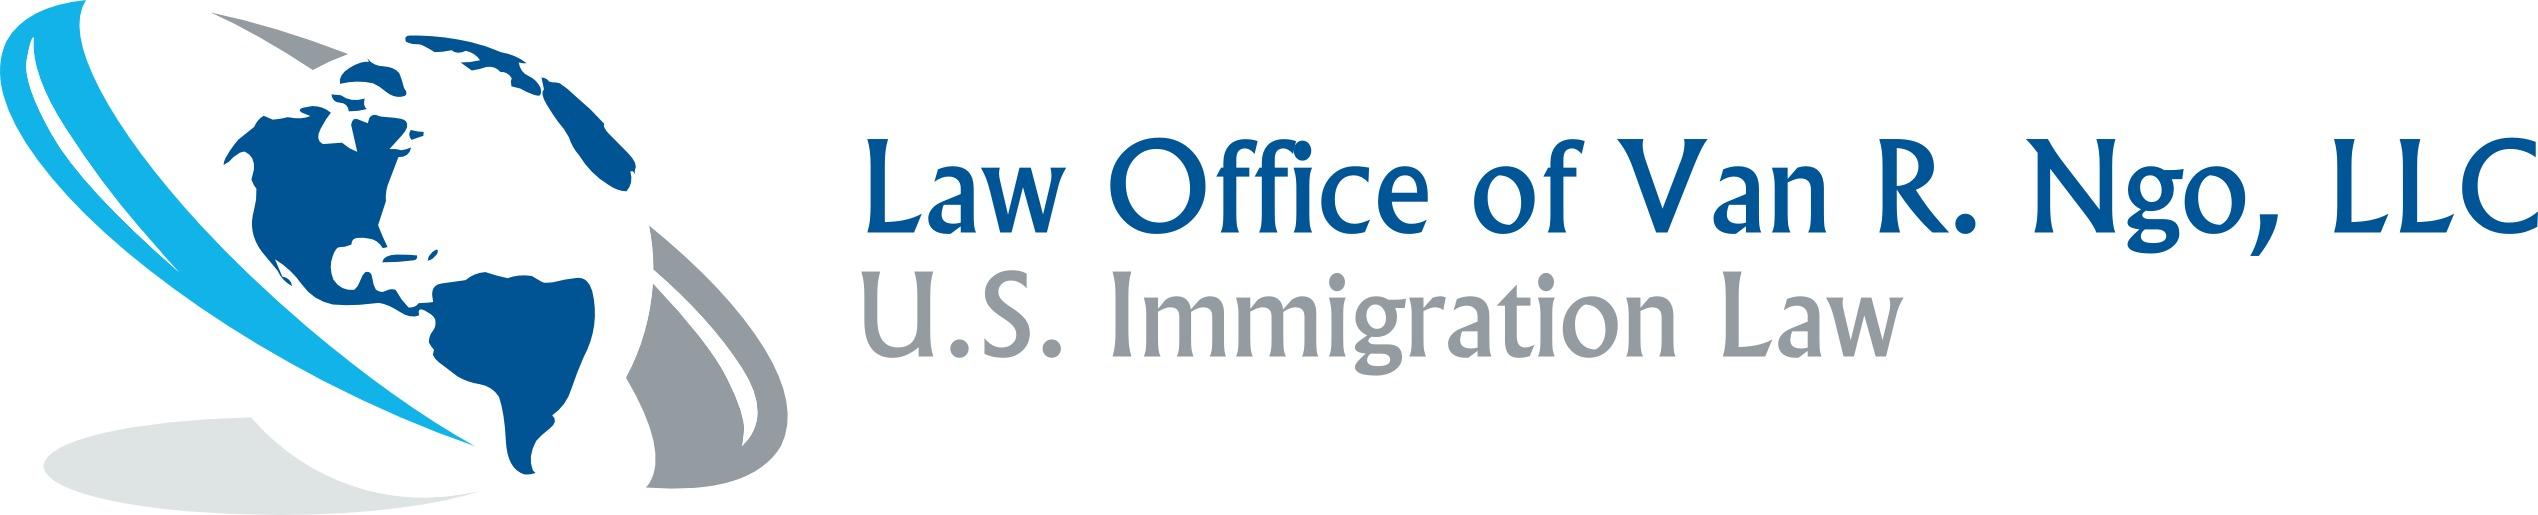 Law Office of Van R. Ngo, LLC